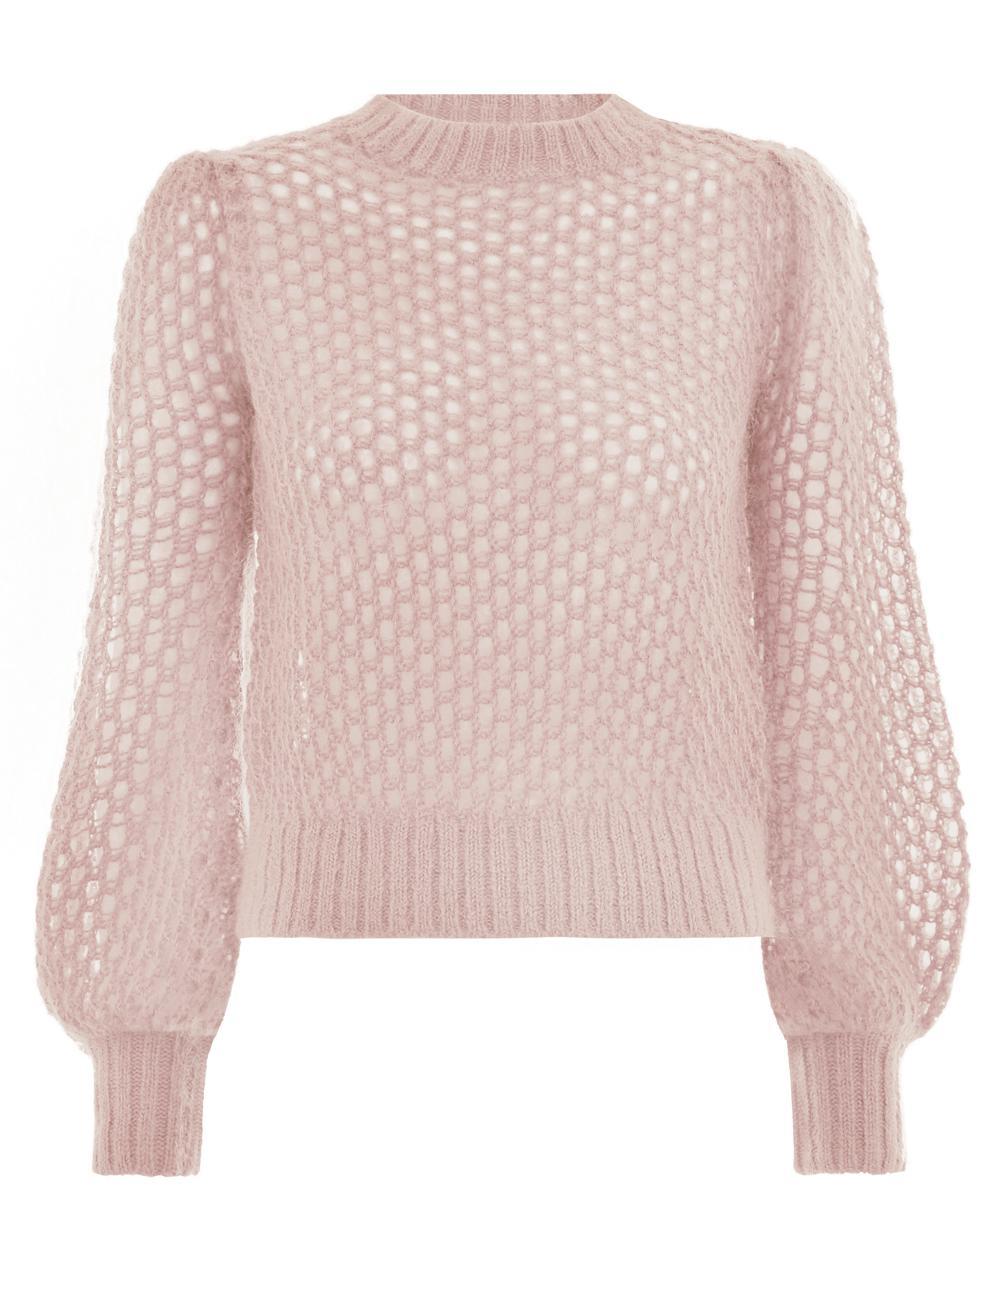 4111a387a52 Zimmermann Unbridled Crop Sweater - Lyst